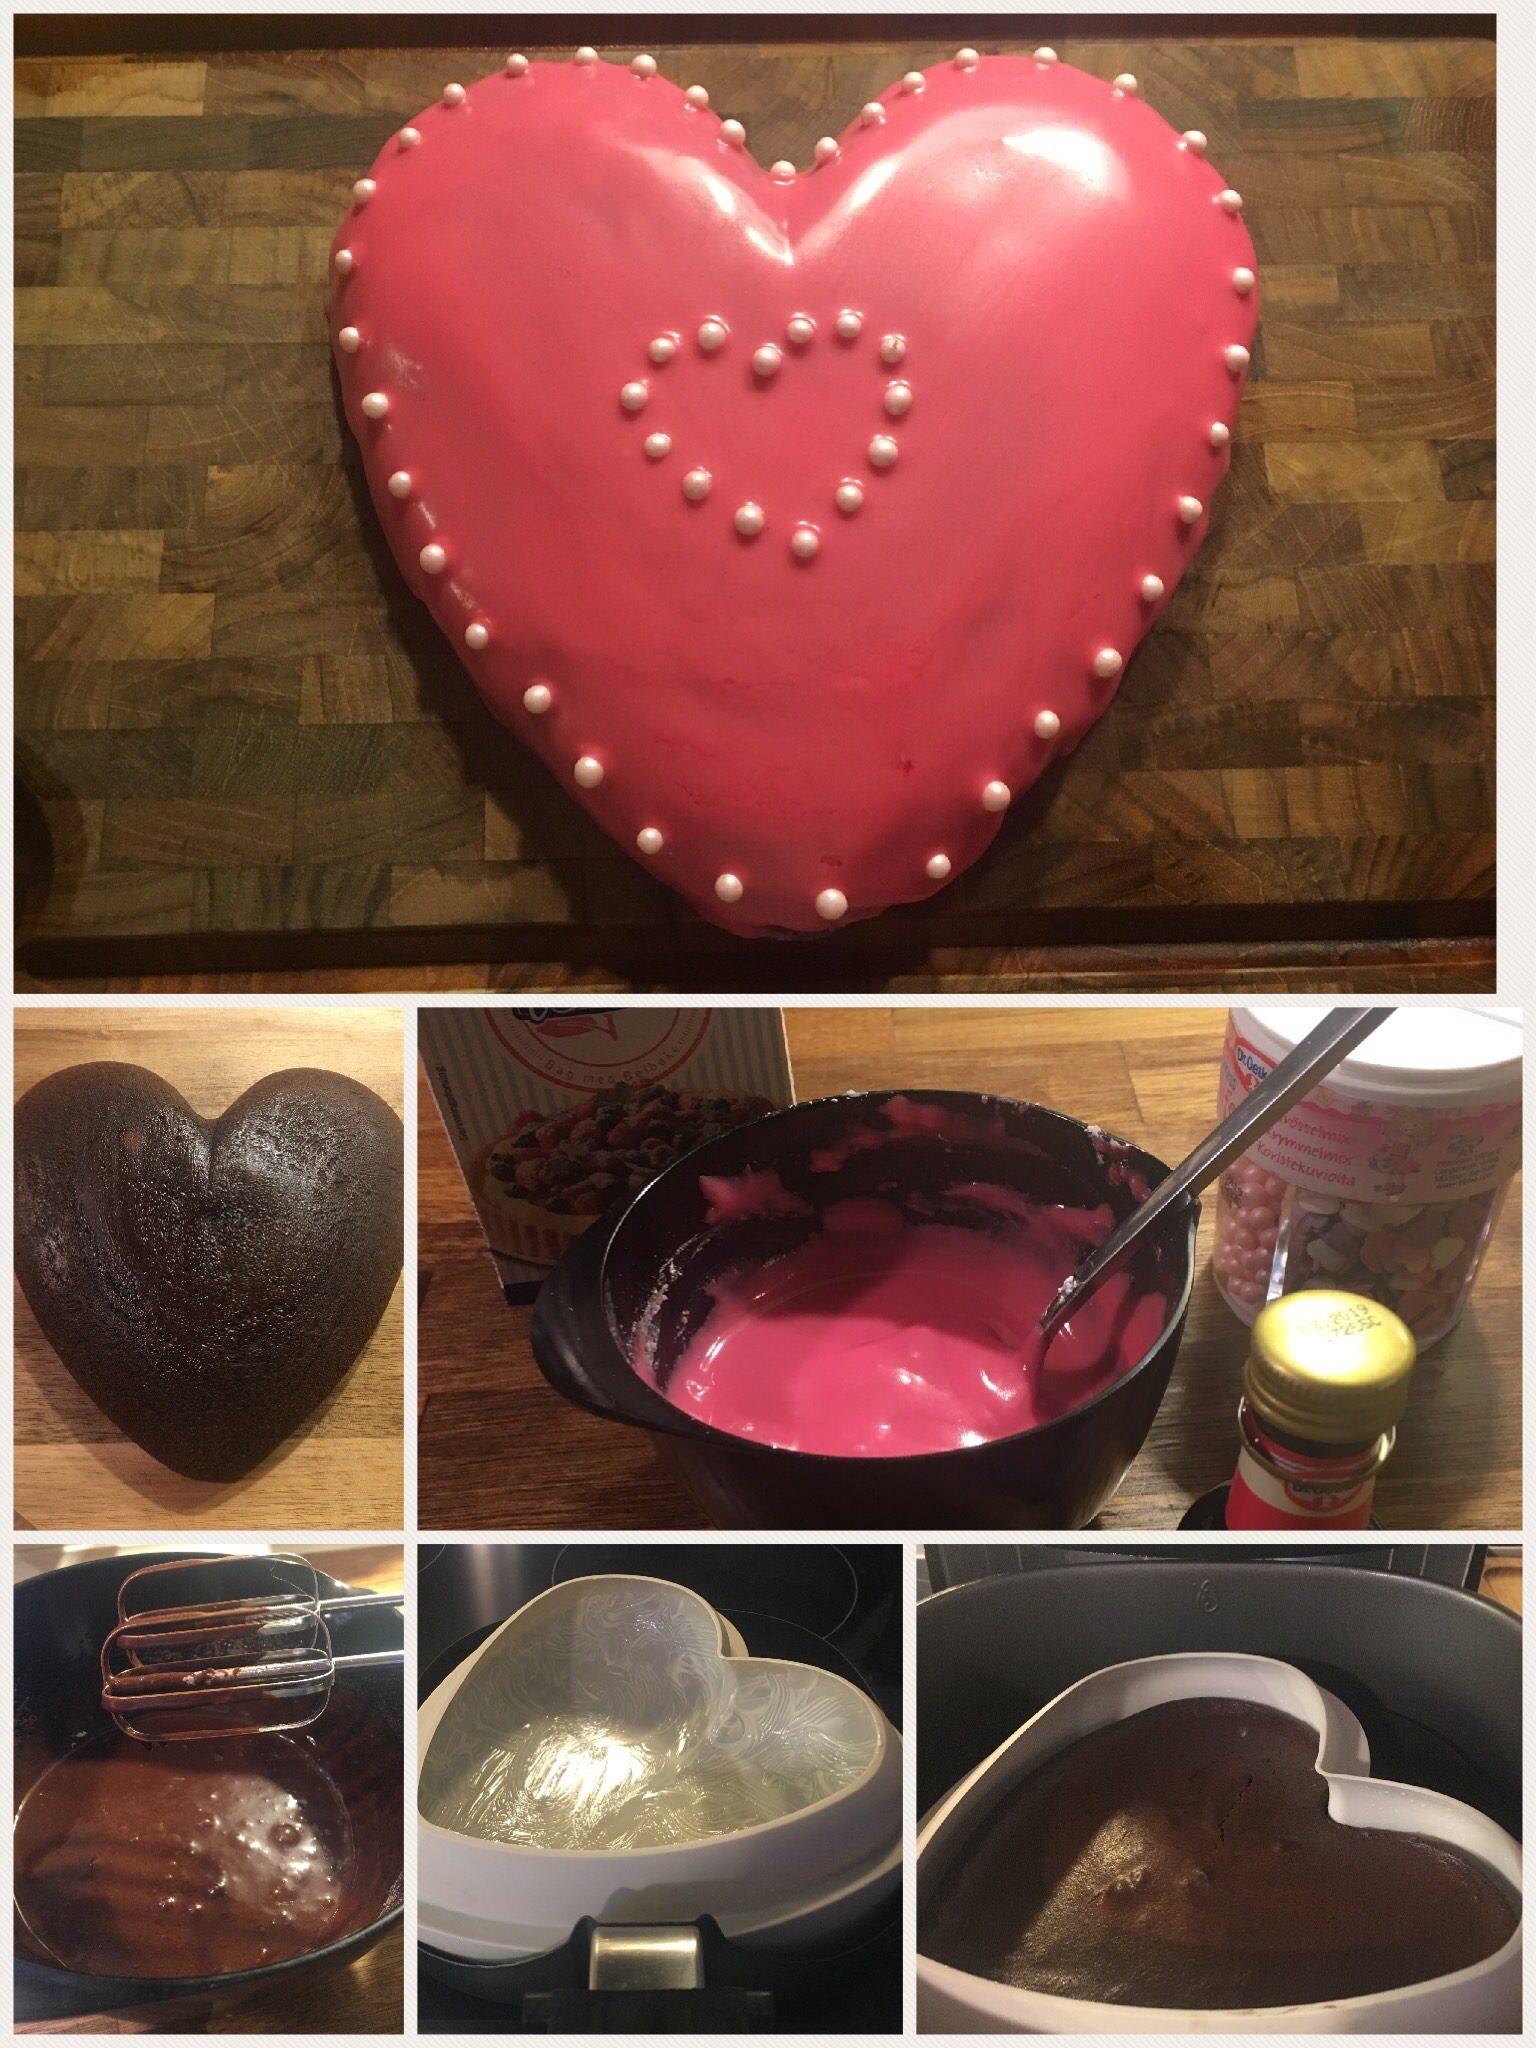 Stort chokoladekage hjerte med glasur og pynt